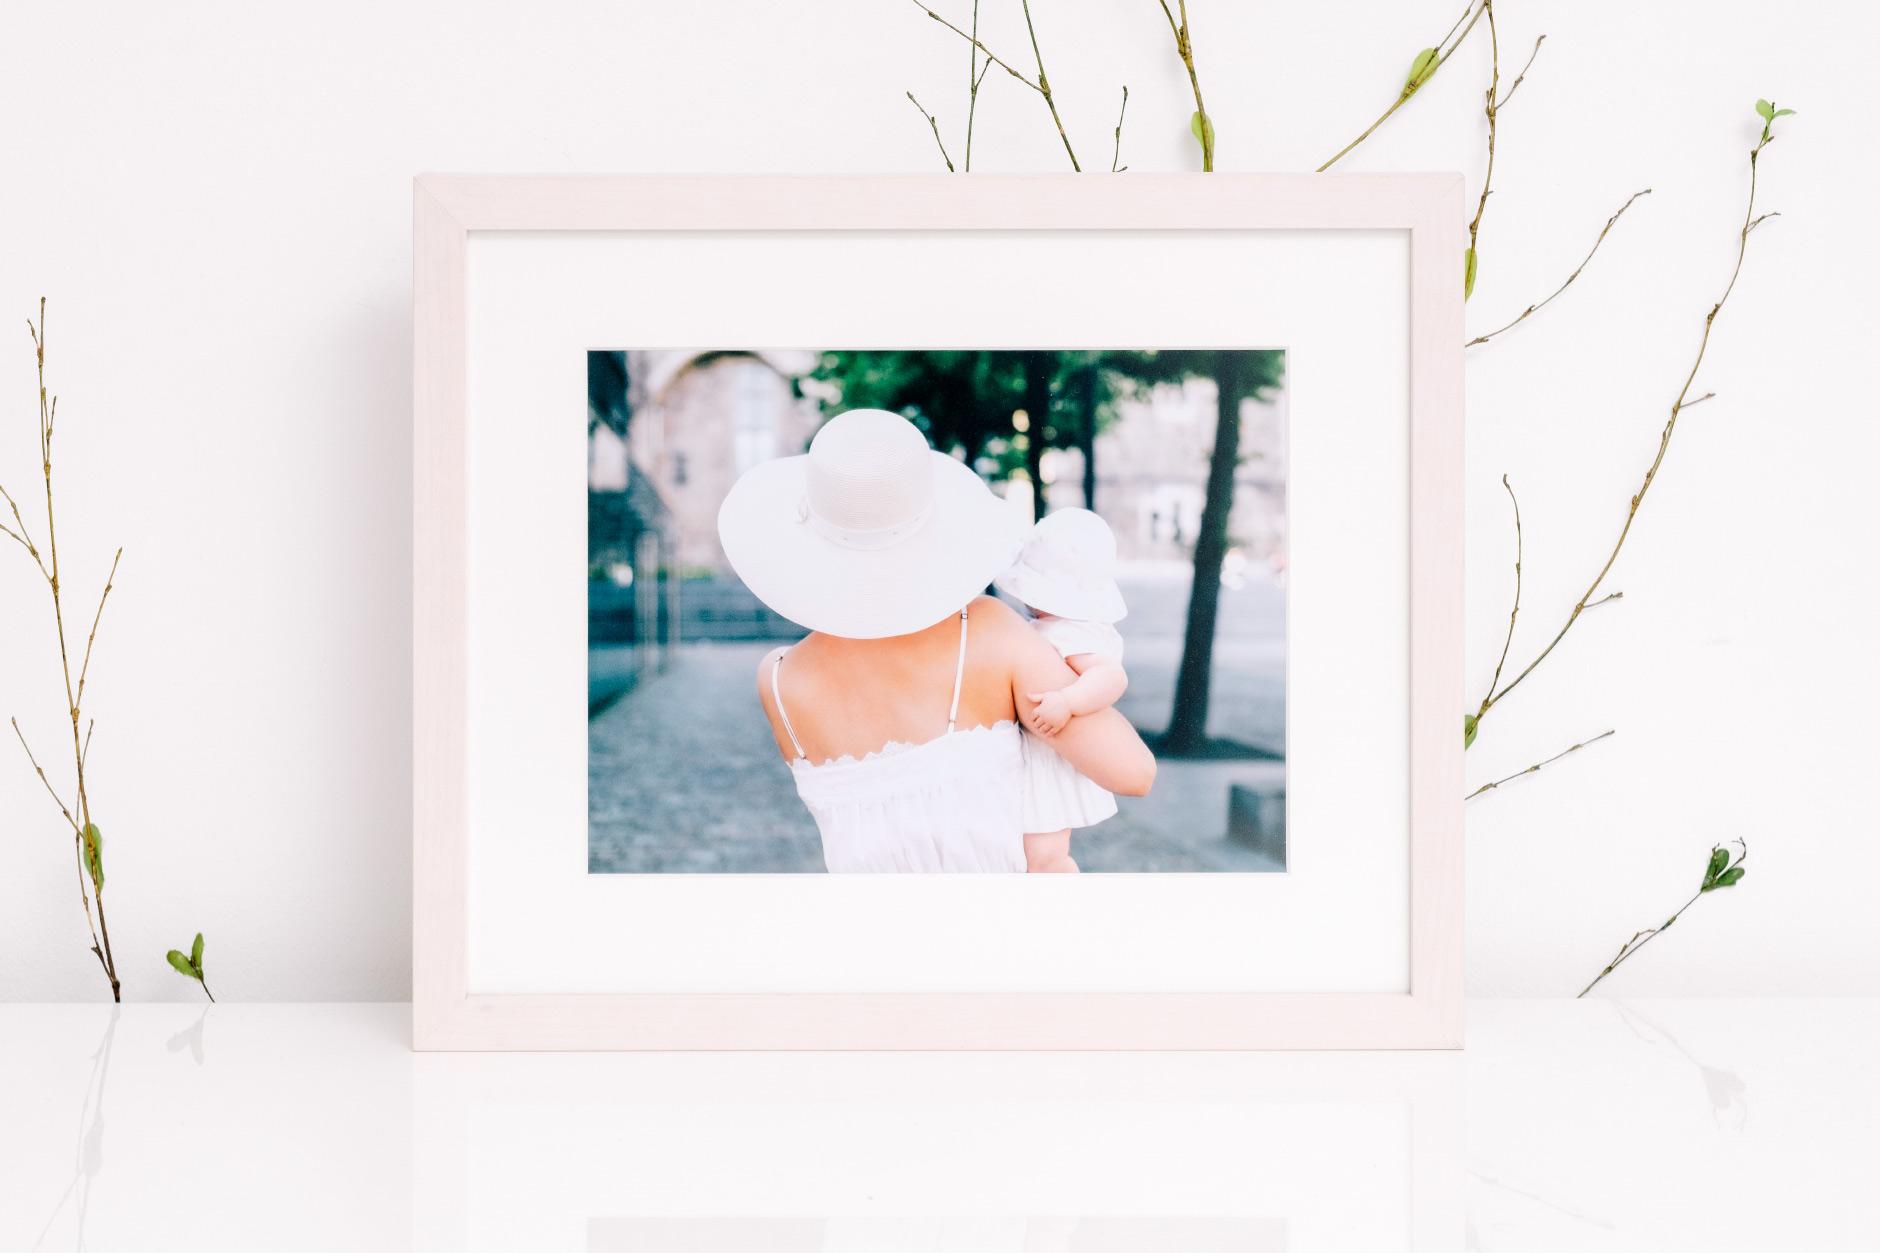 geschenk-whitewall-bilder